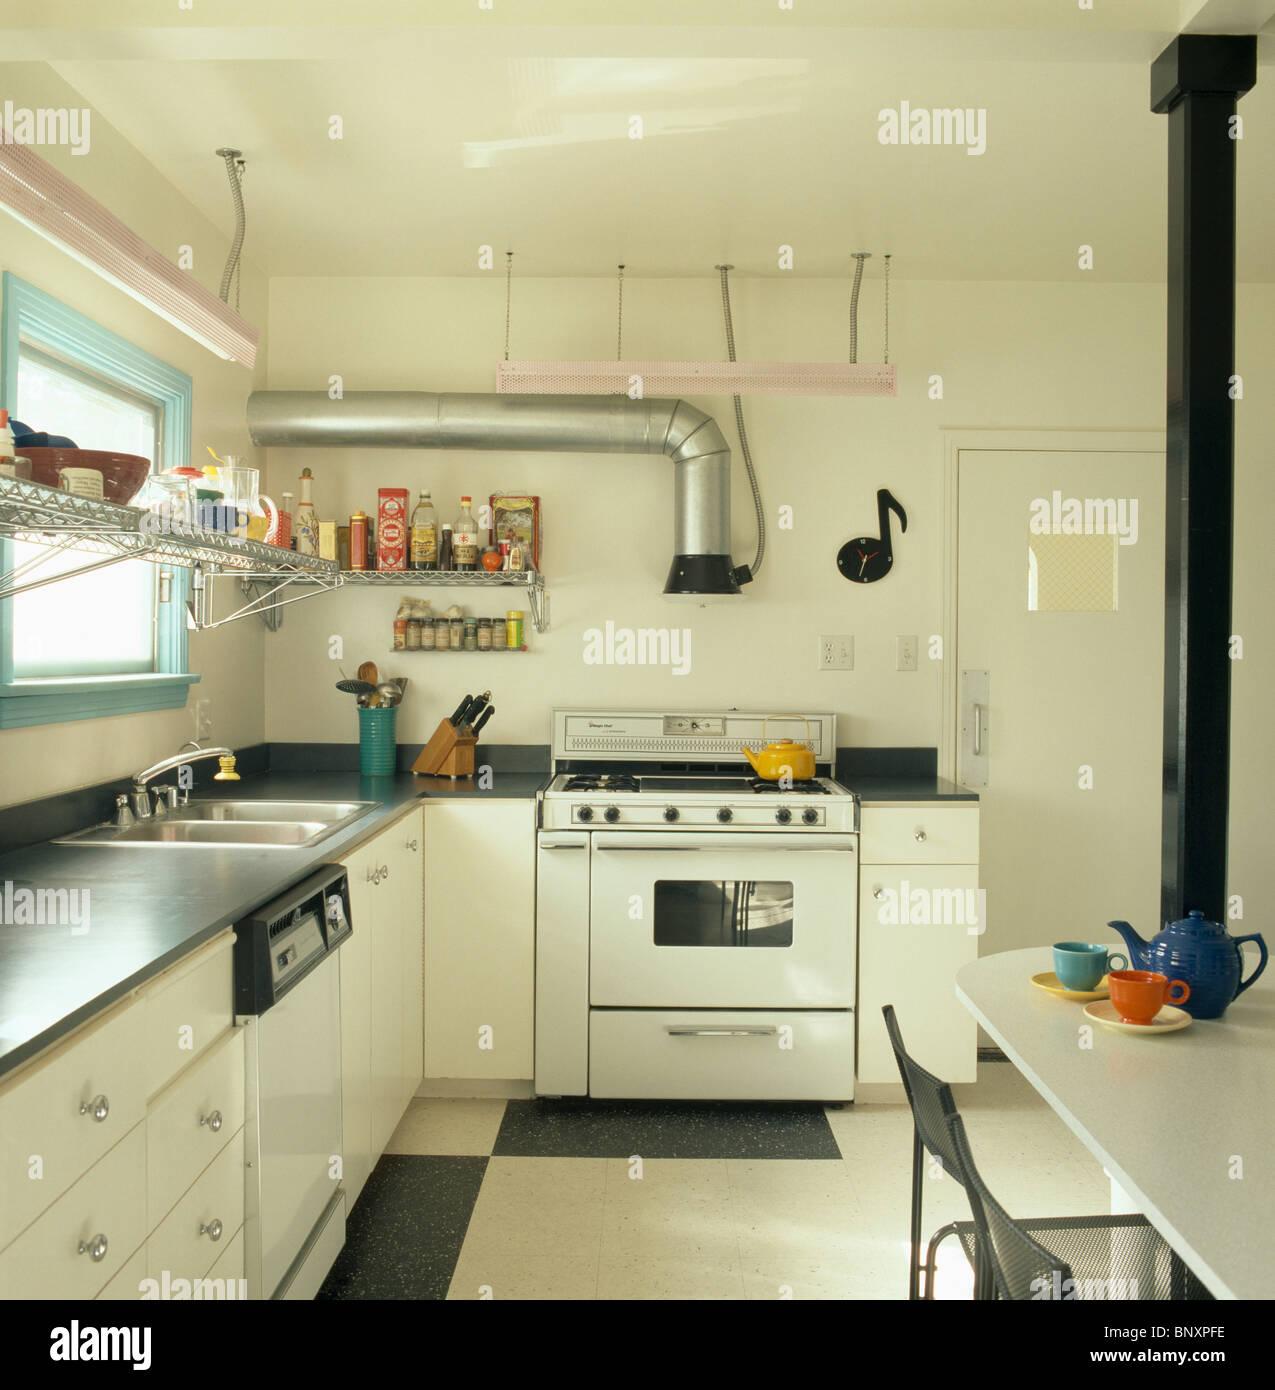 edelstahl dunstabzugshaube rohr und wei herd in modernen all wei en k che entworfen von koning. Black Bedroom Furniture Sets. Home Design Ideas